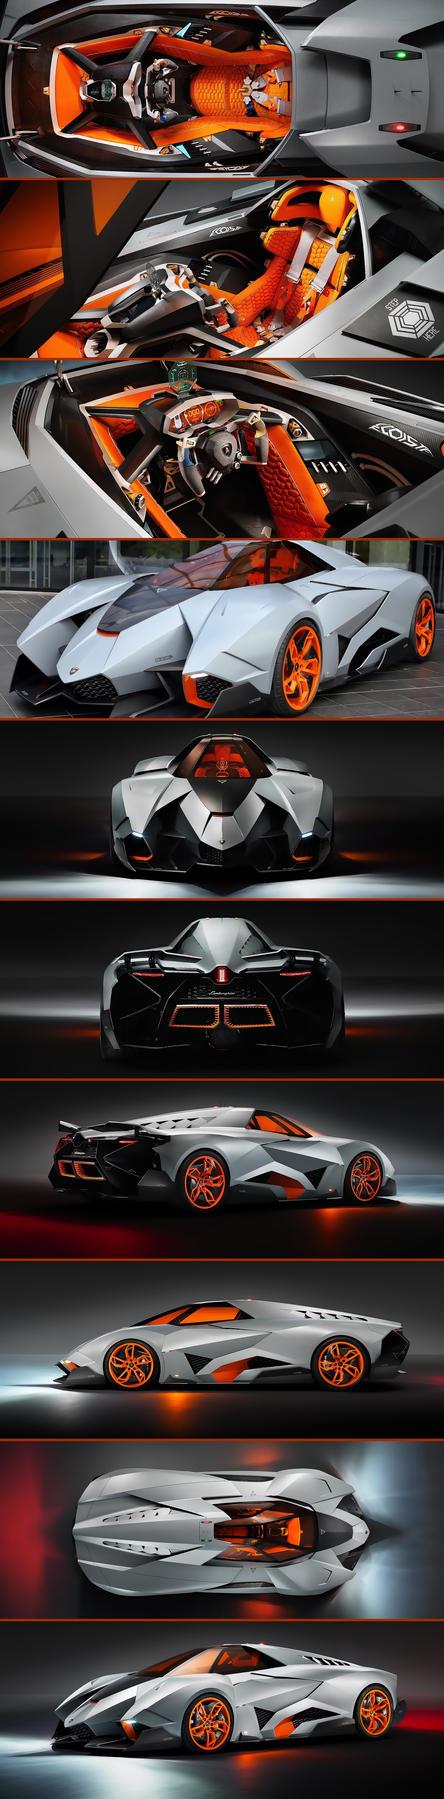 Lamborghini Egoista Wallpaper Pack by jlfarfan